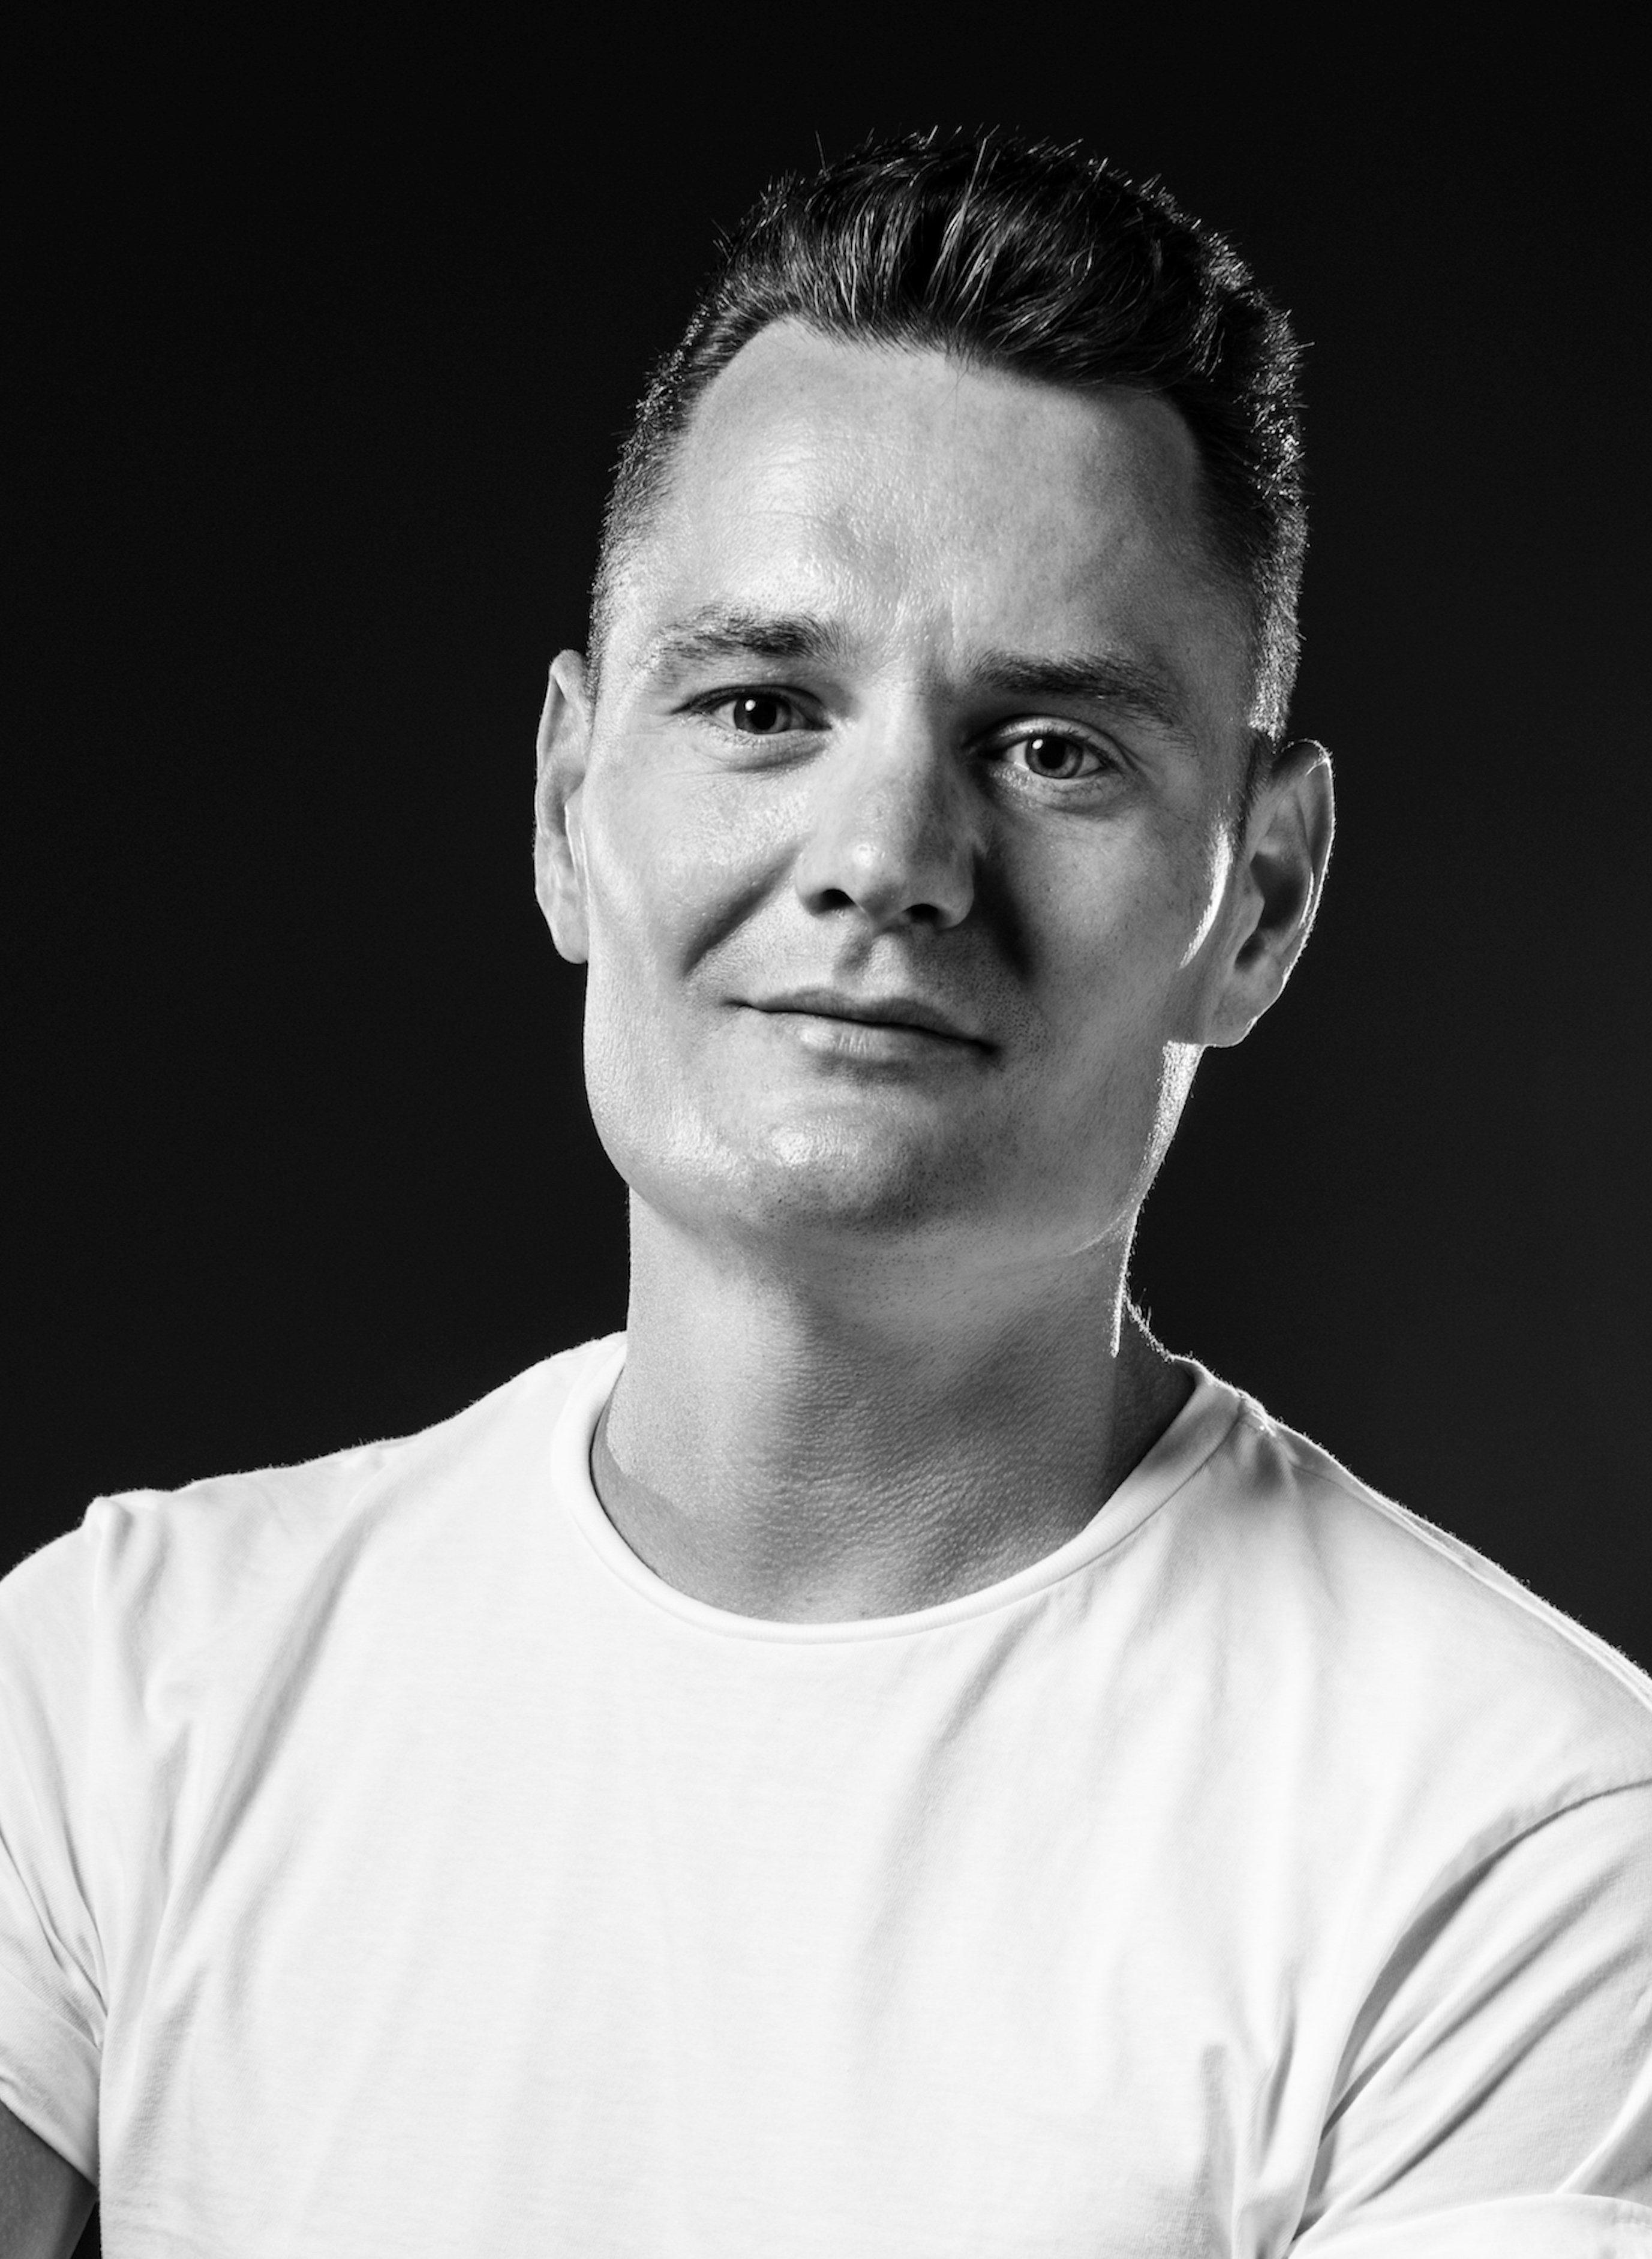 Maarten Zwiers : Assistant Professor of American Studies and Contemporary History, University of Groningen